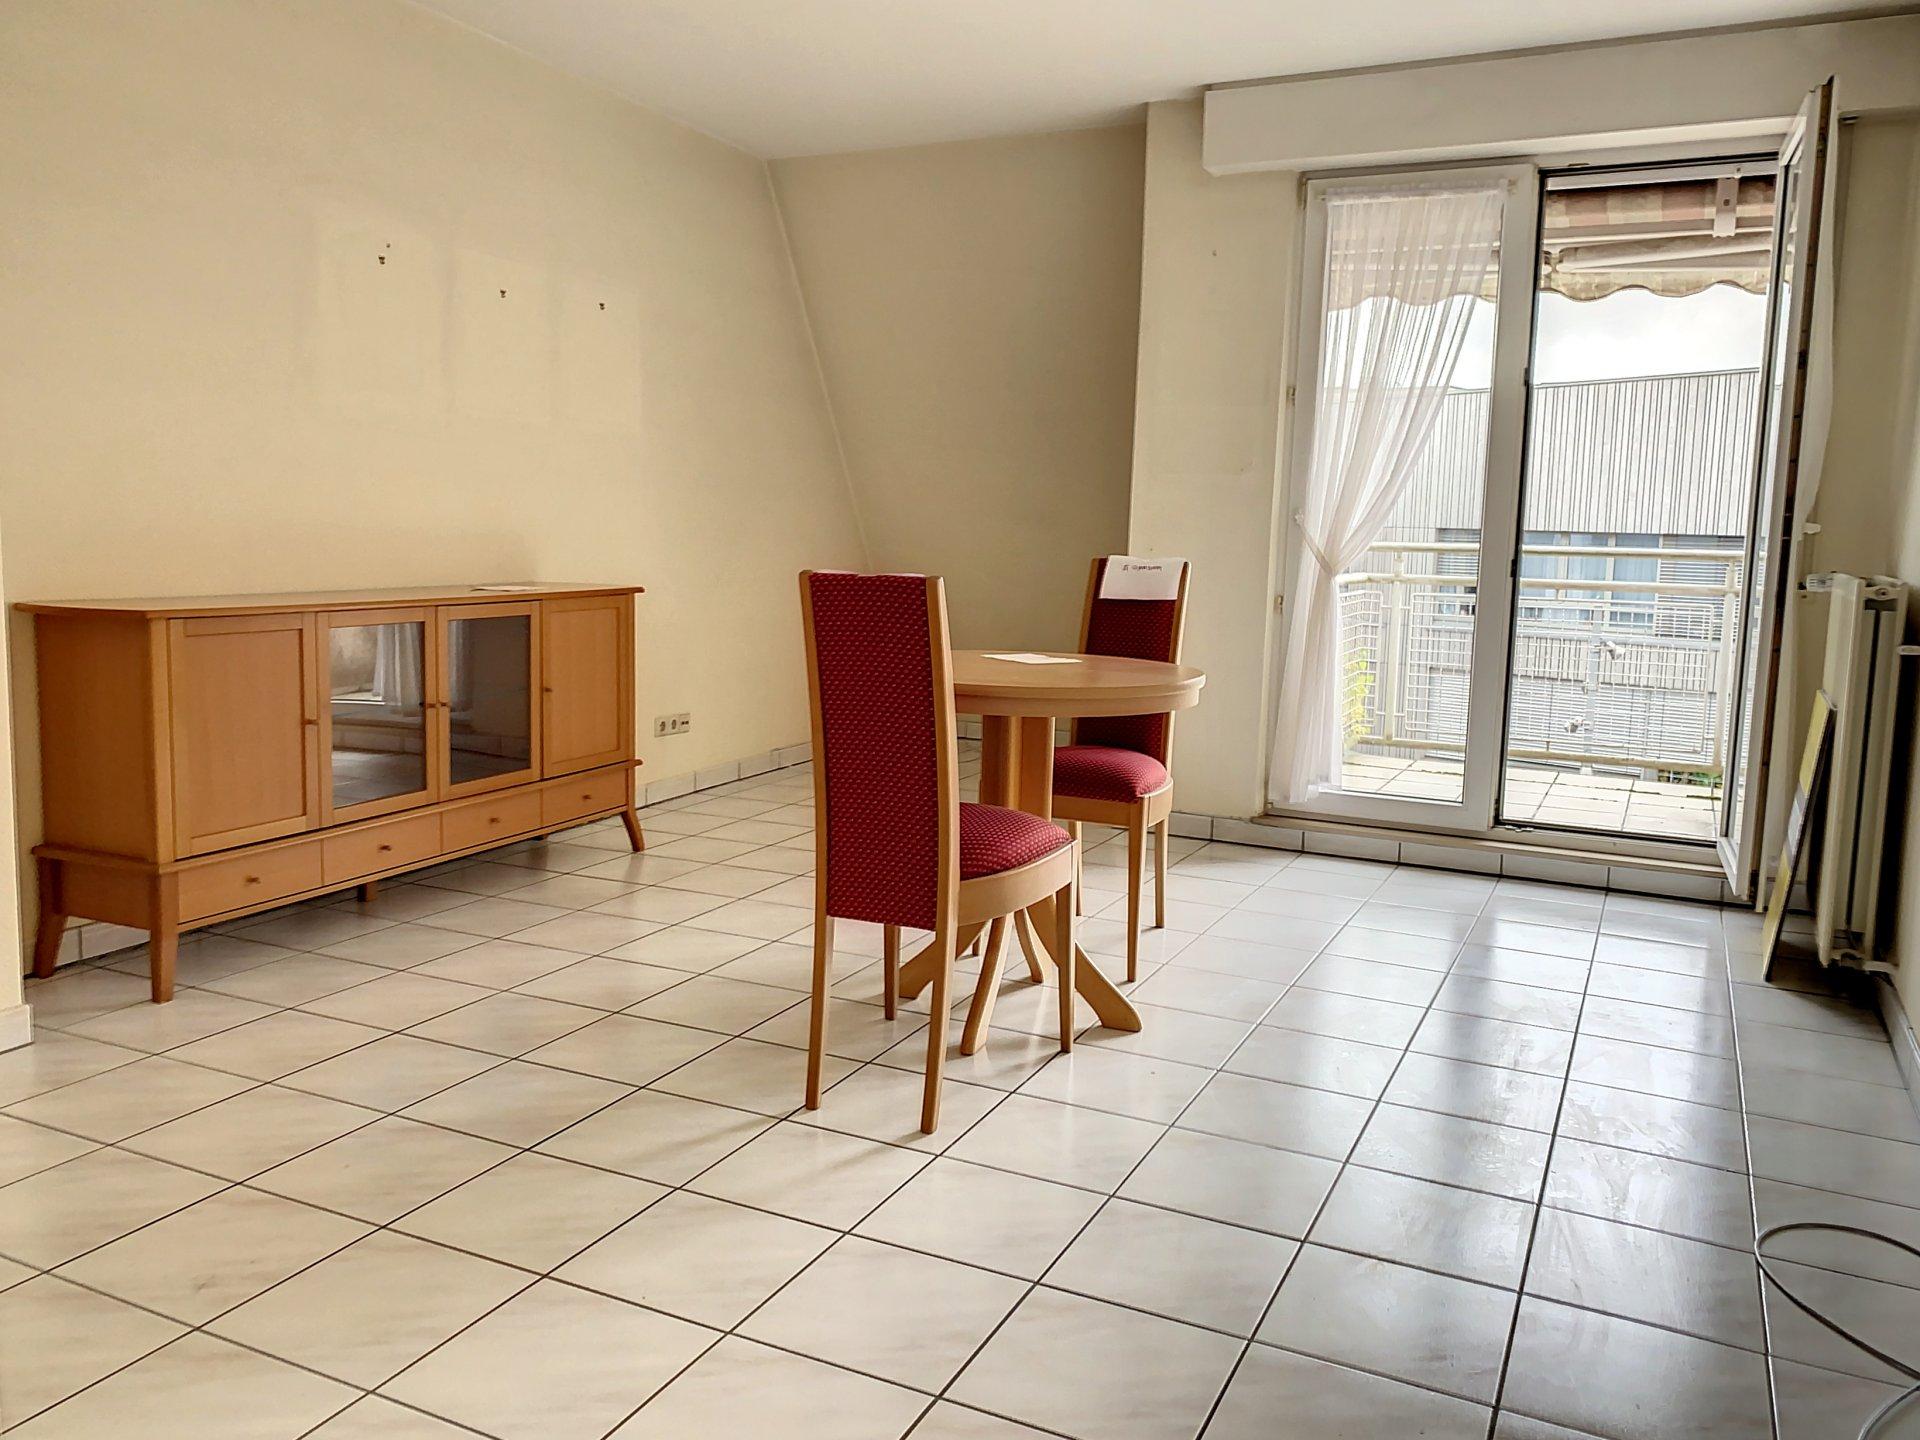 Magnifique appartement d'une chambre - emplacement intérieur